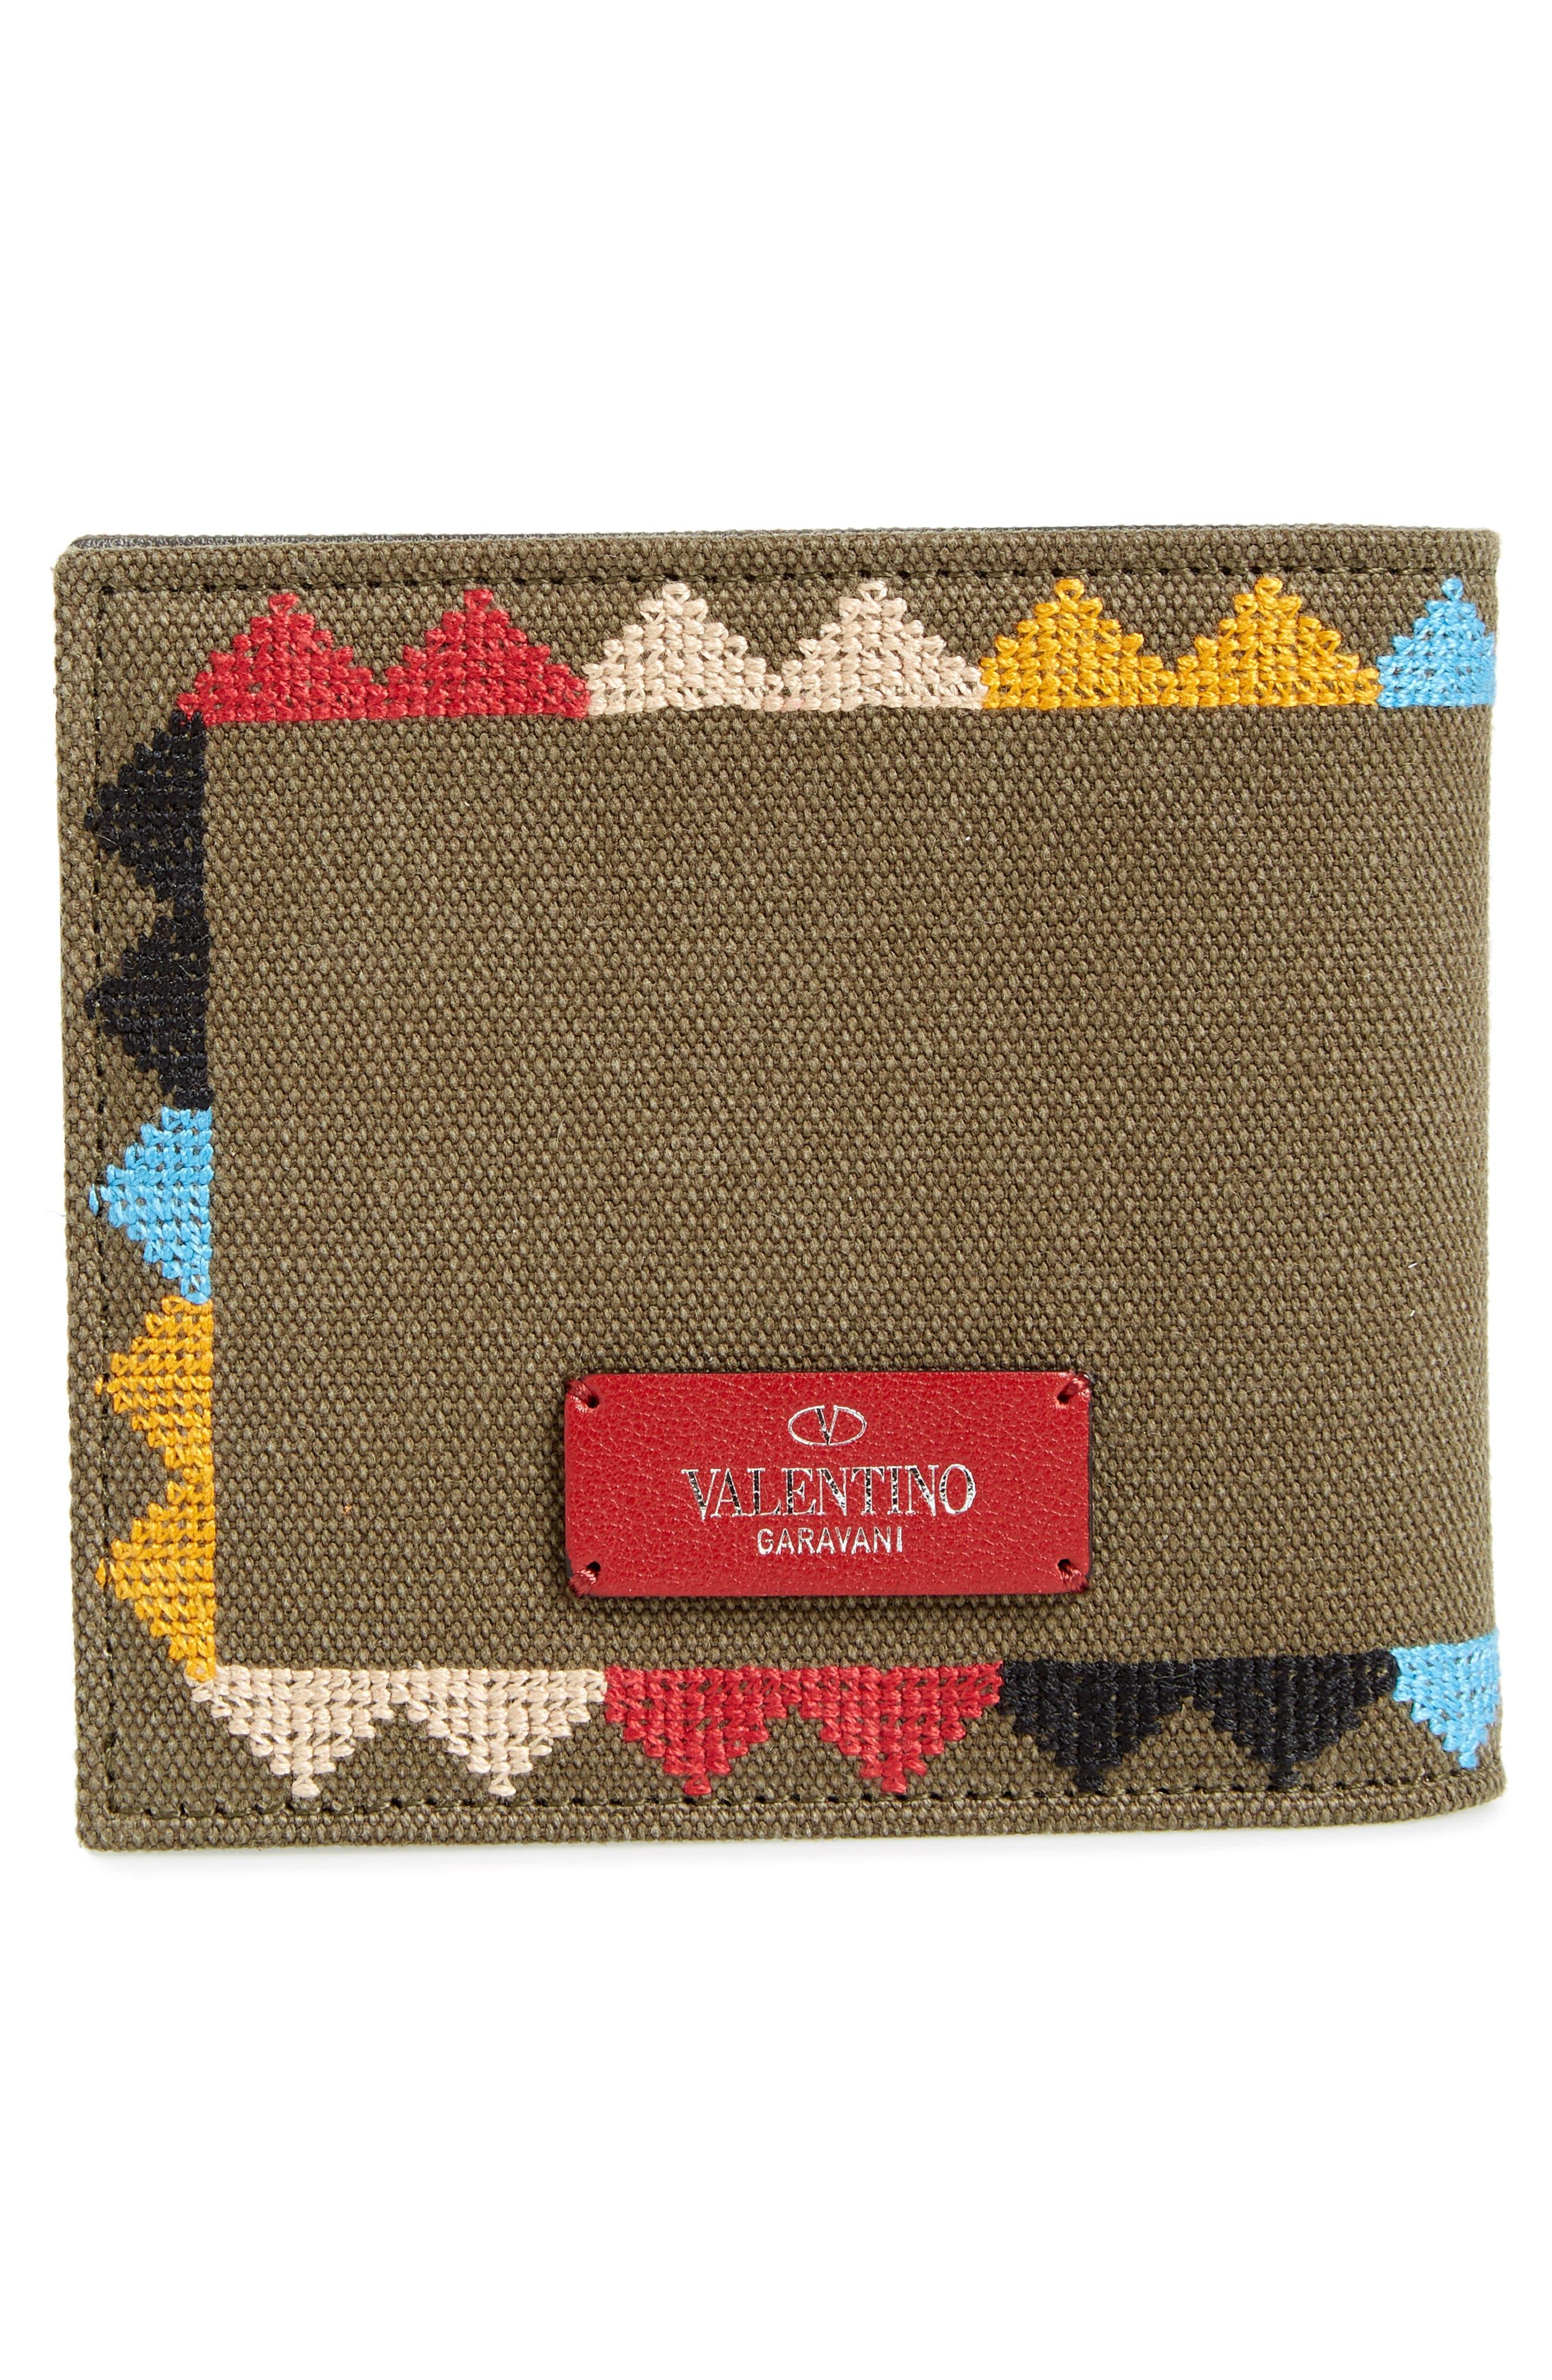 GARAVANI Canvas Wallet,                             Alternate thumbnail 3, color,                             L90 Olive